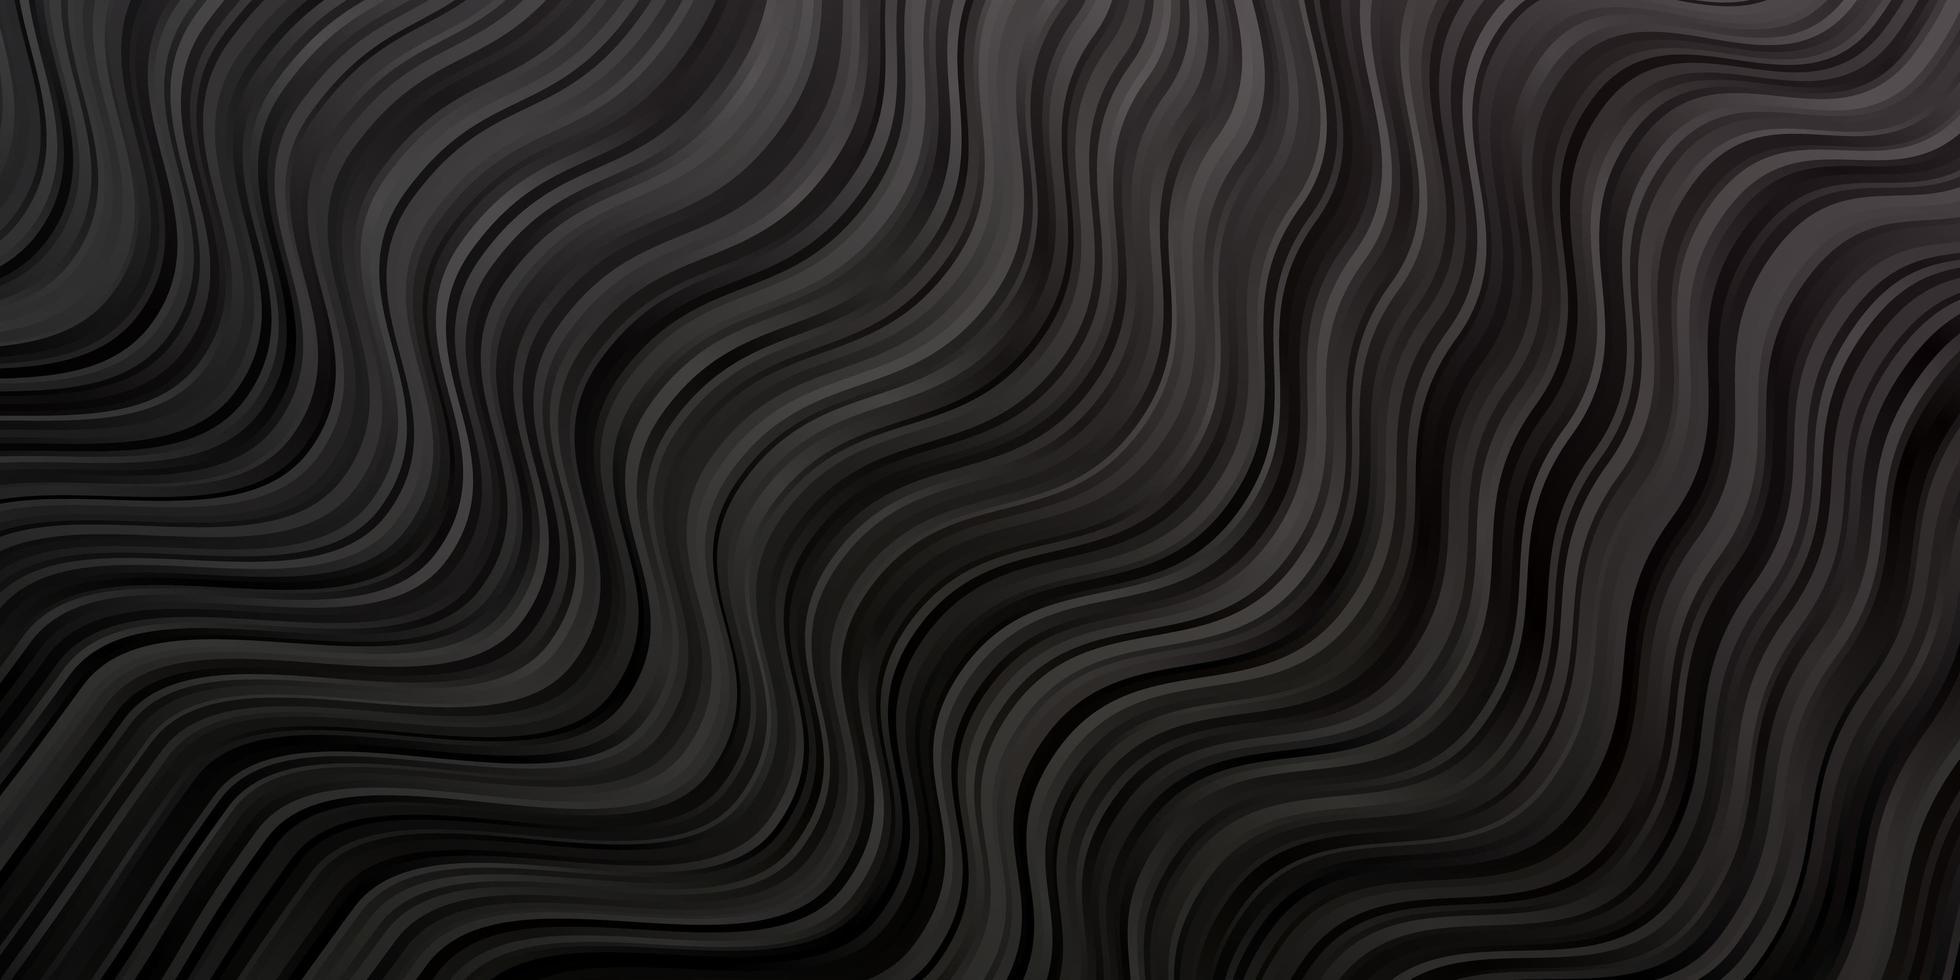 grå konsistens med sneda linjer. vektor